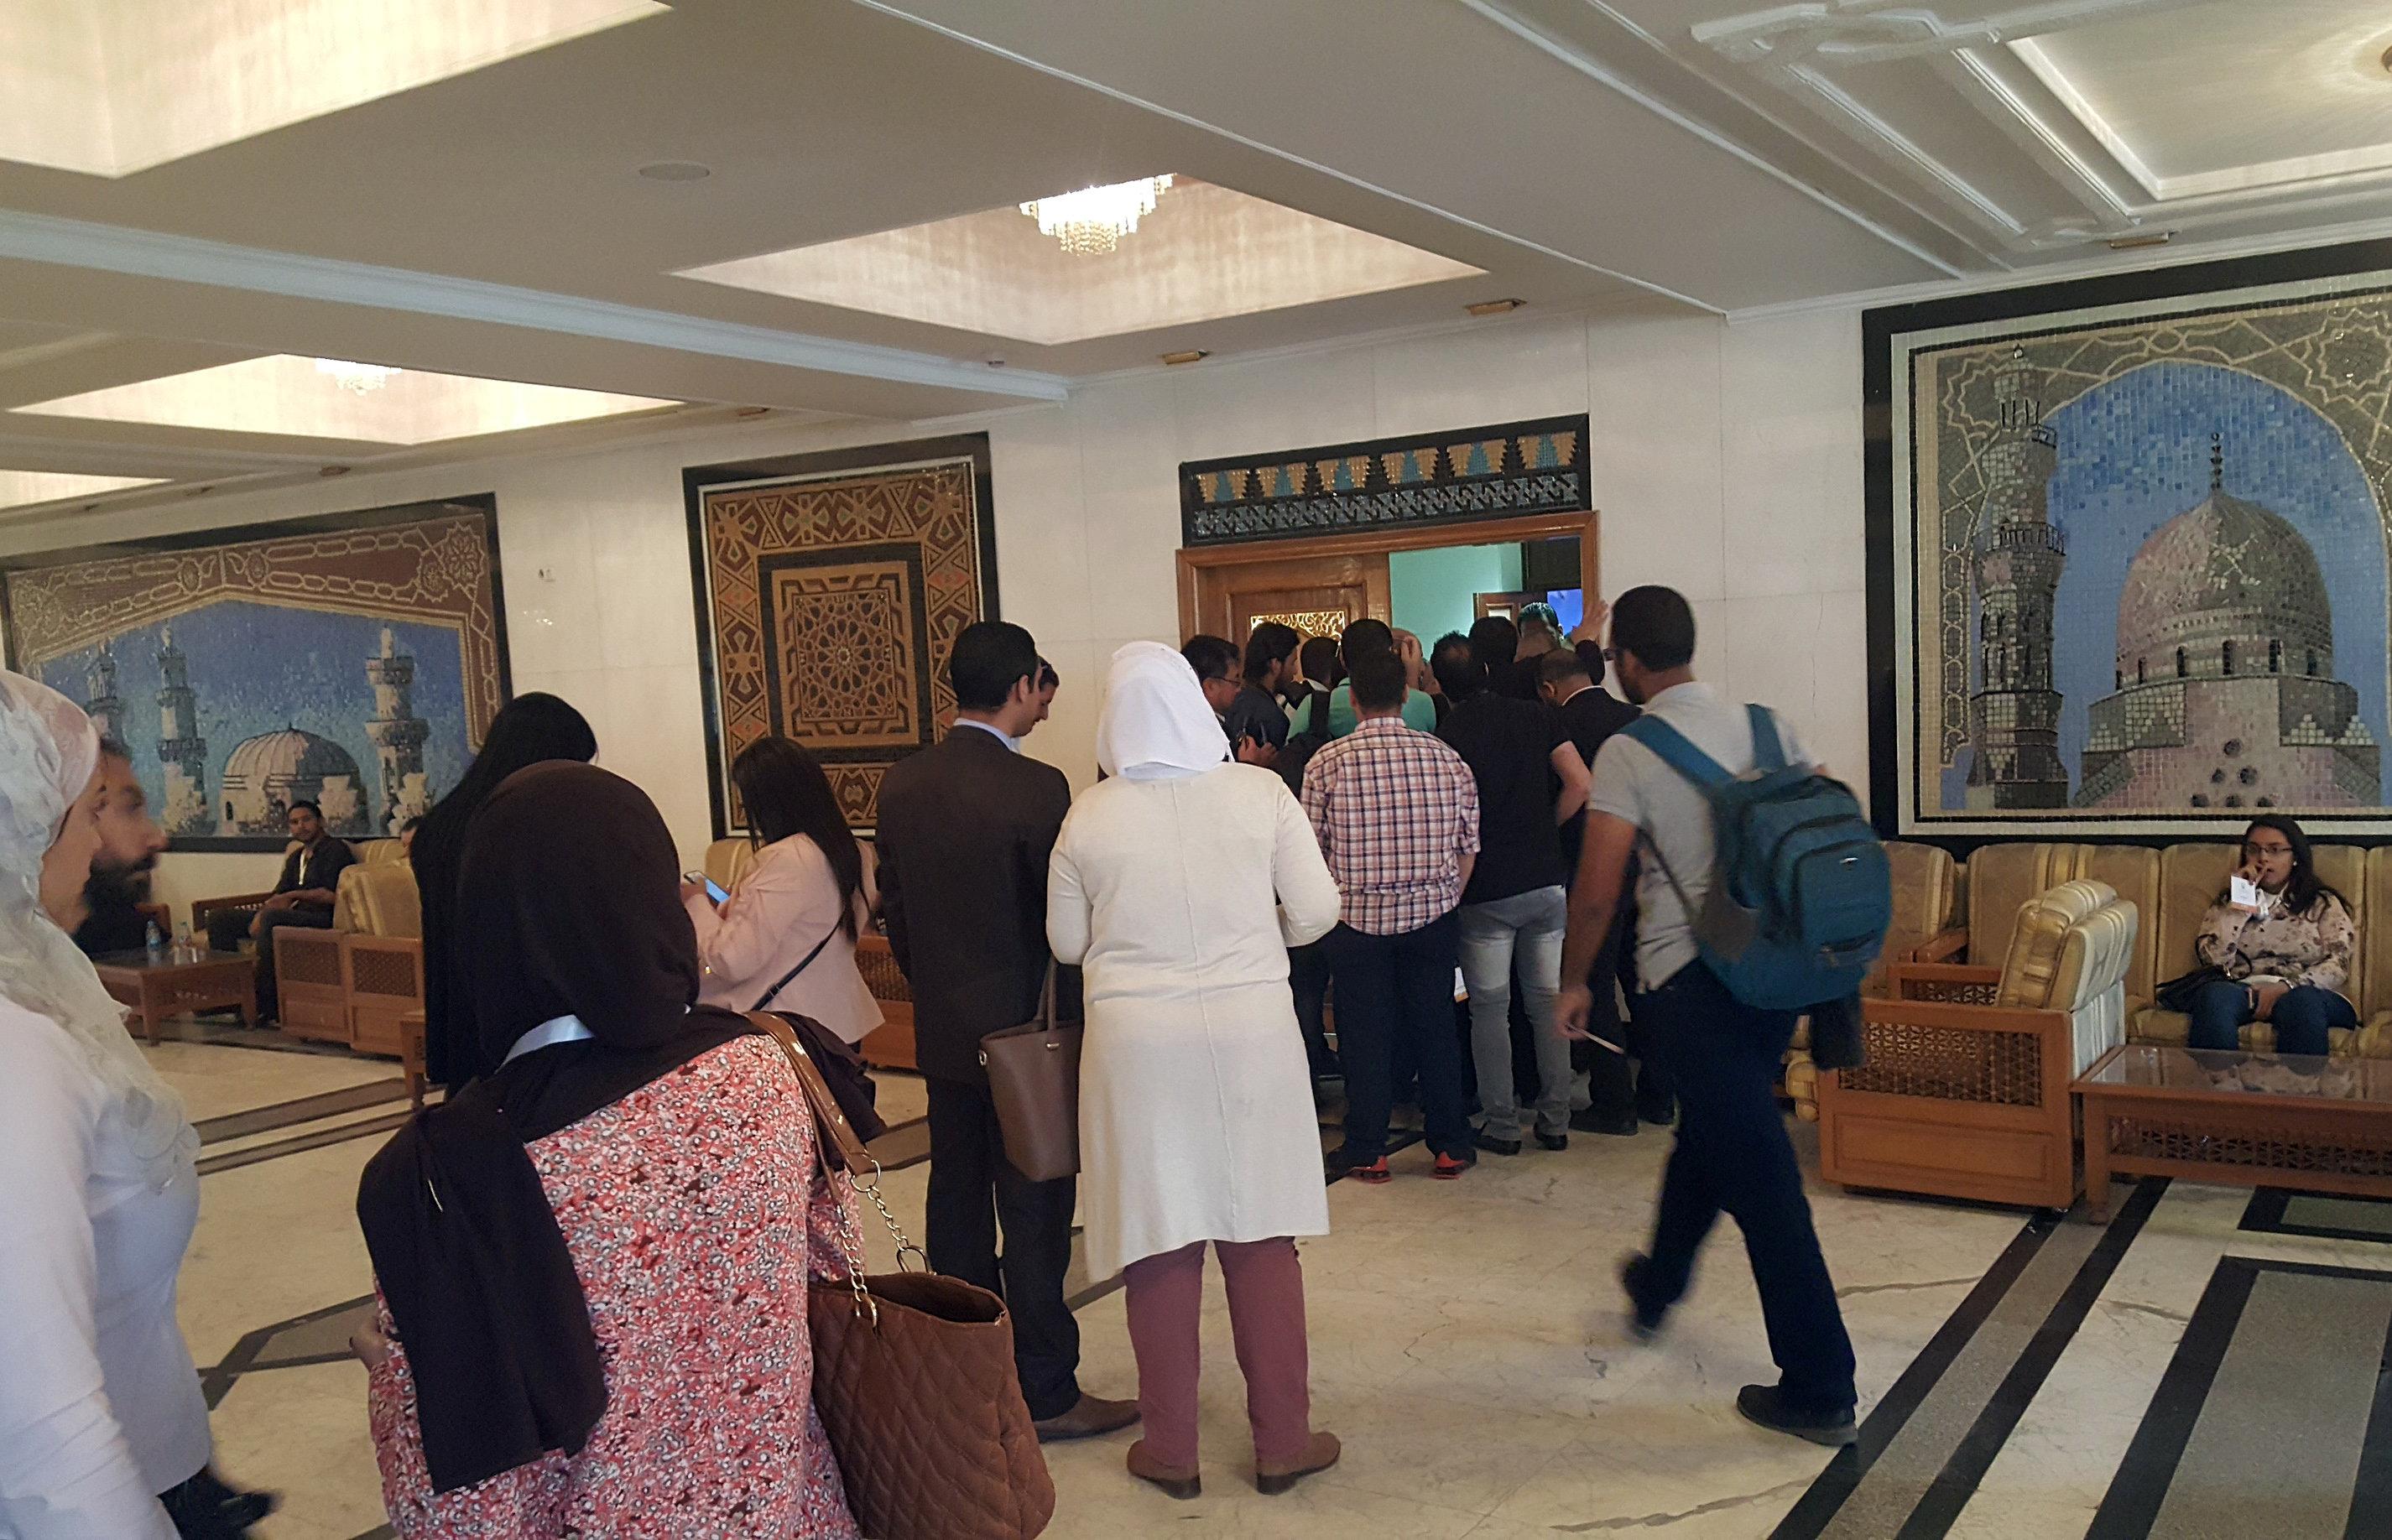 الصحفيون يحاولون الدخول إلى قاعة لقاء الدكتور أحمد الطيب وبابا الفاتيكان